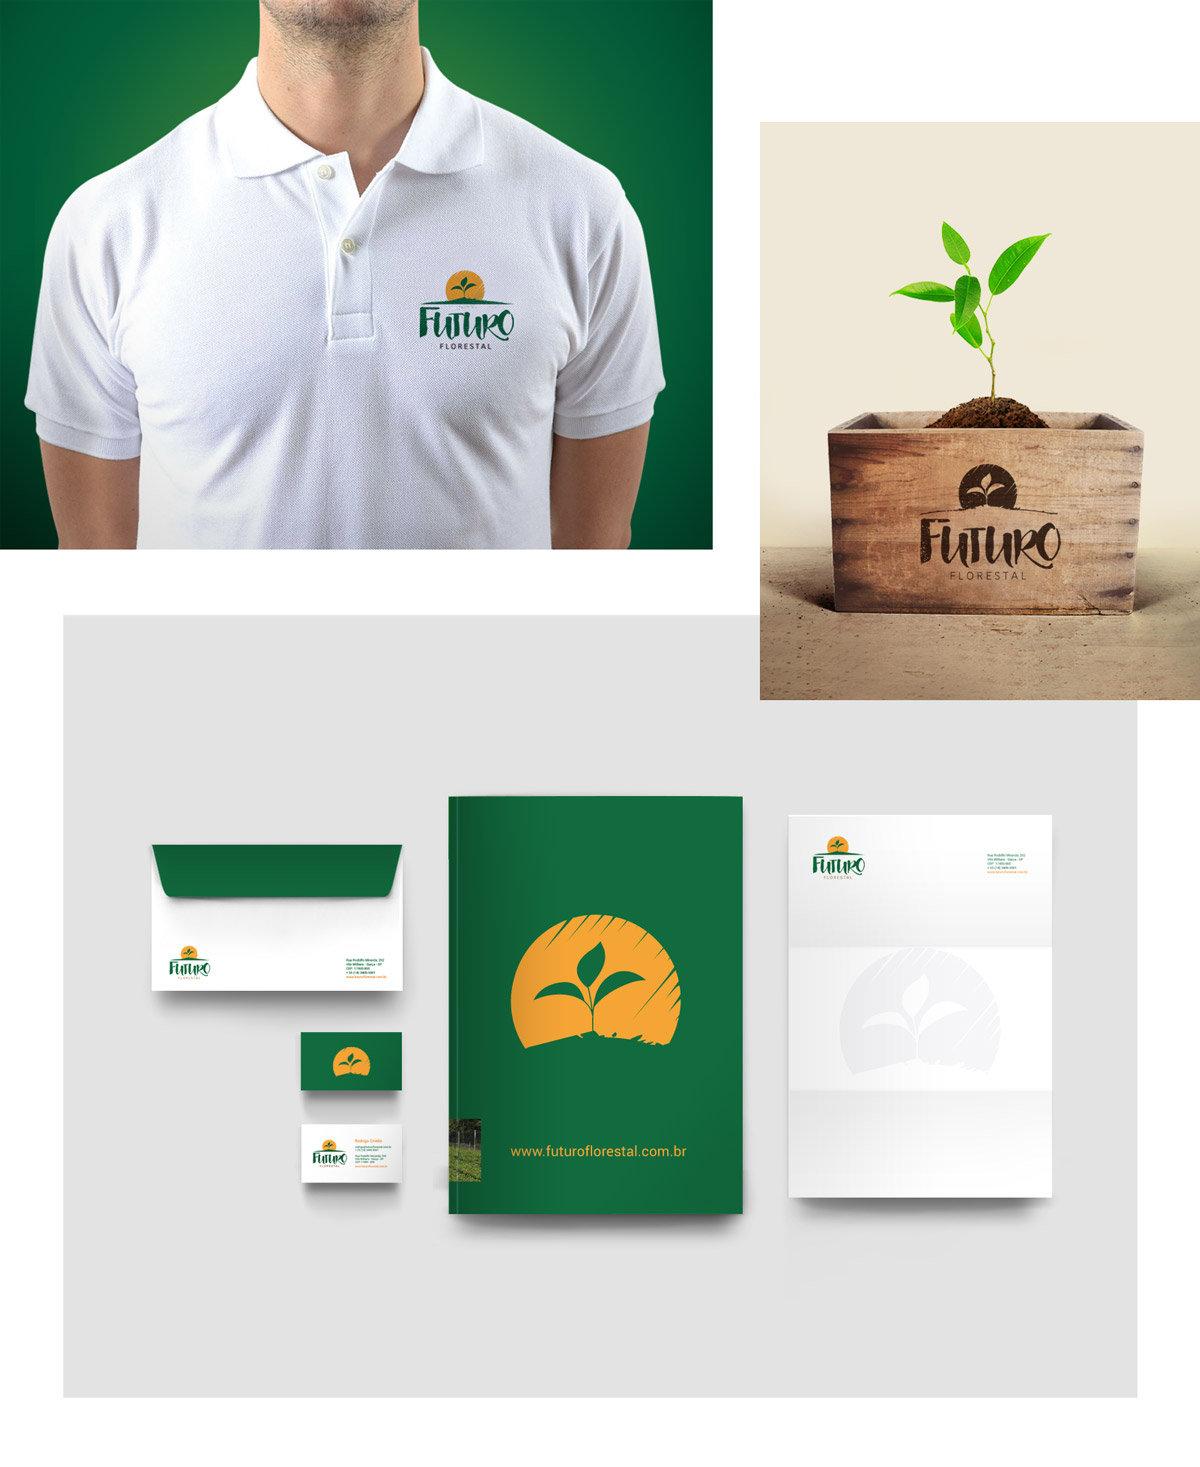 Futuro Florestal branding